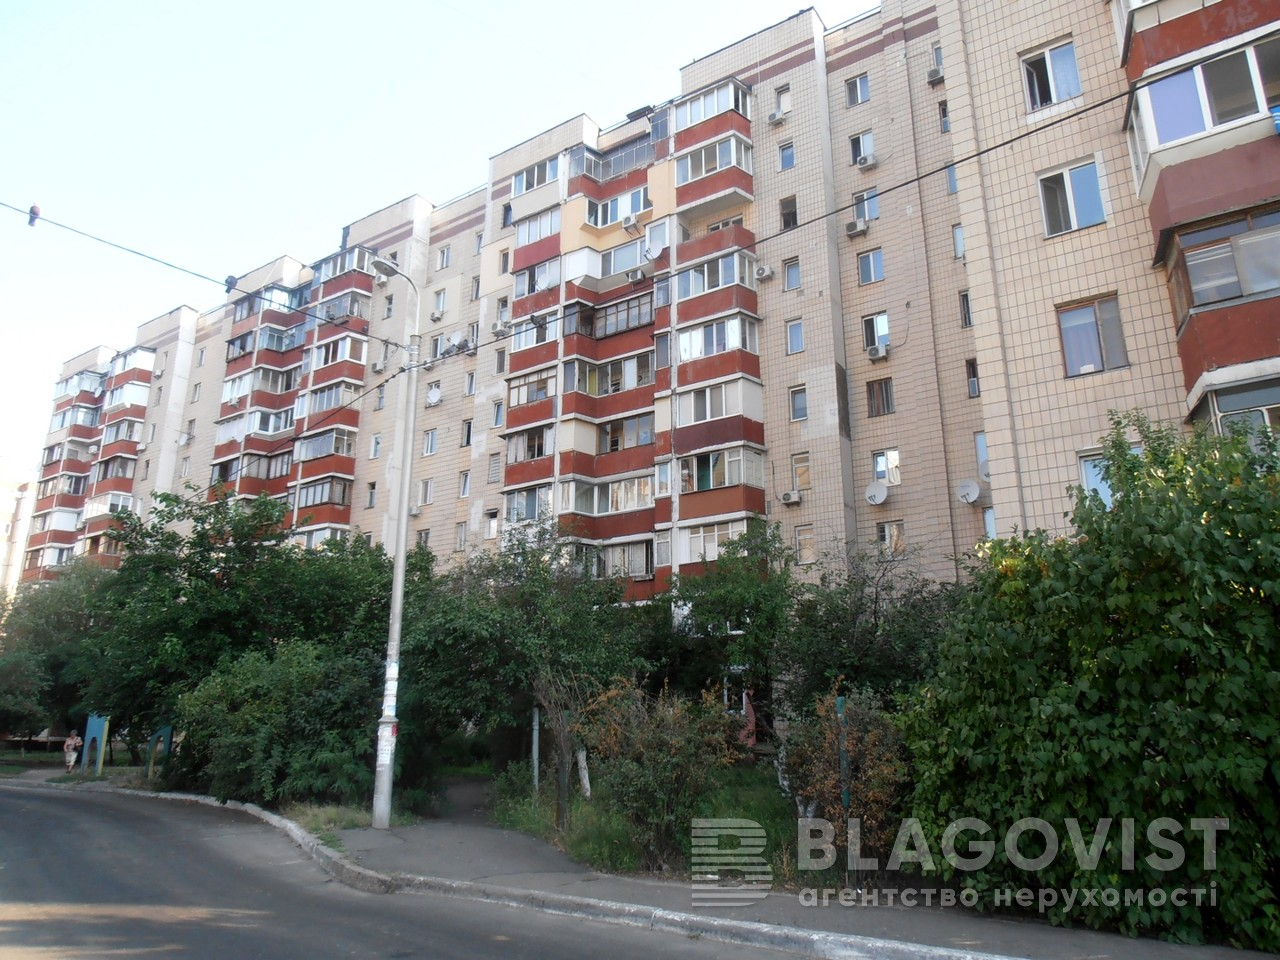 Квартира R-37882, Маяковского Владимира просп., 65, Киев - Фото 3